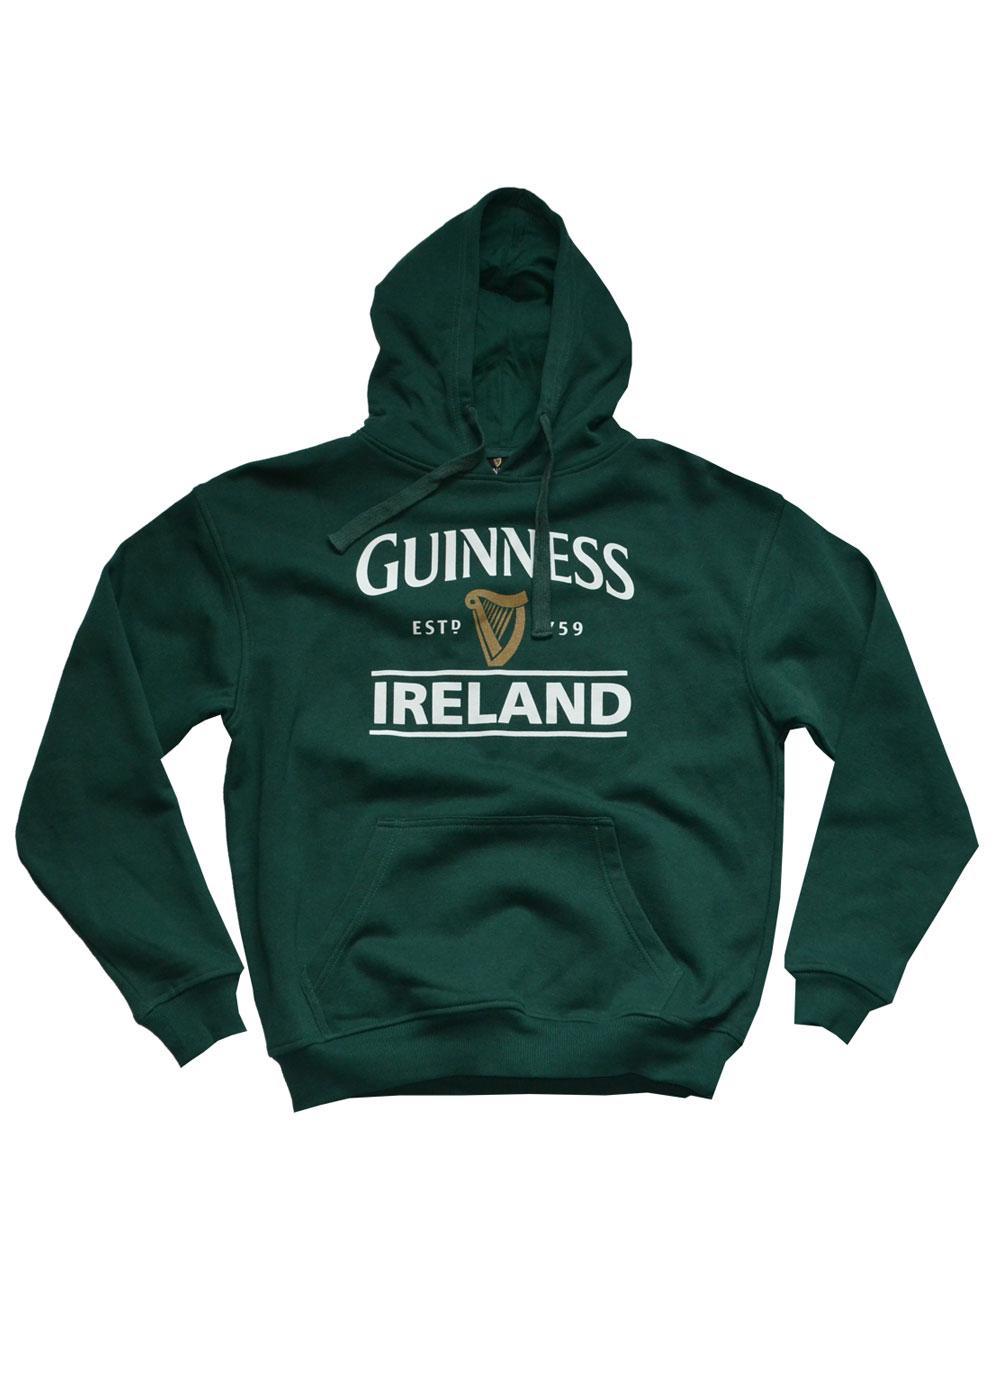 Men/'s Guinness Sweater Bottle Green Crew Neck  Pullover style  Long sleeves